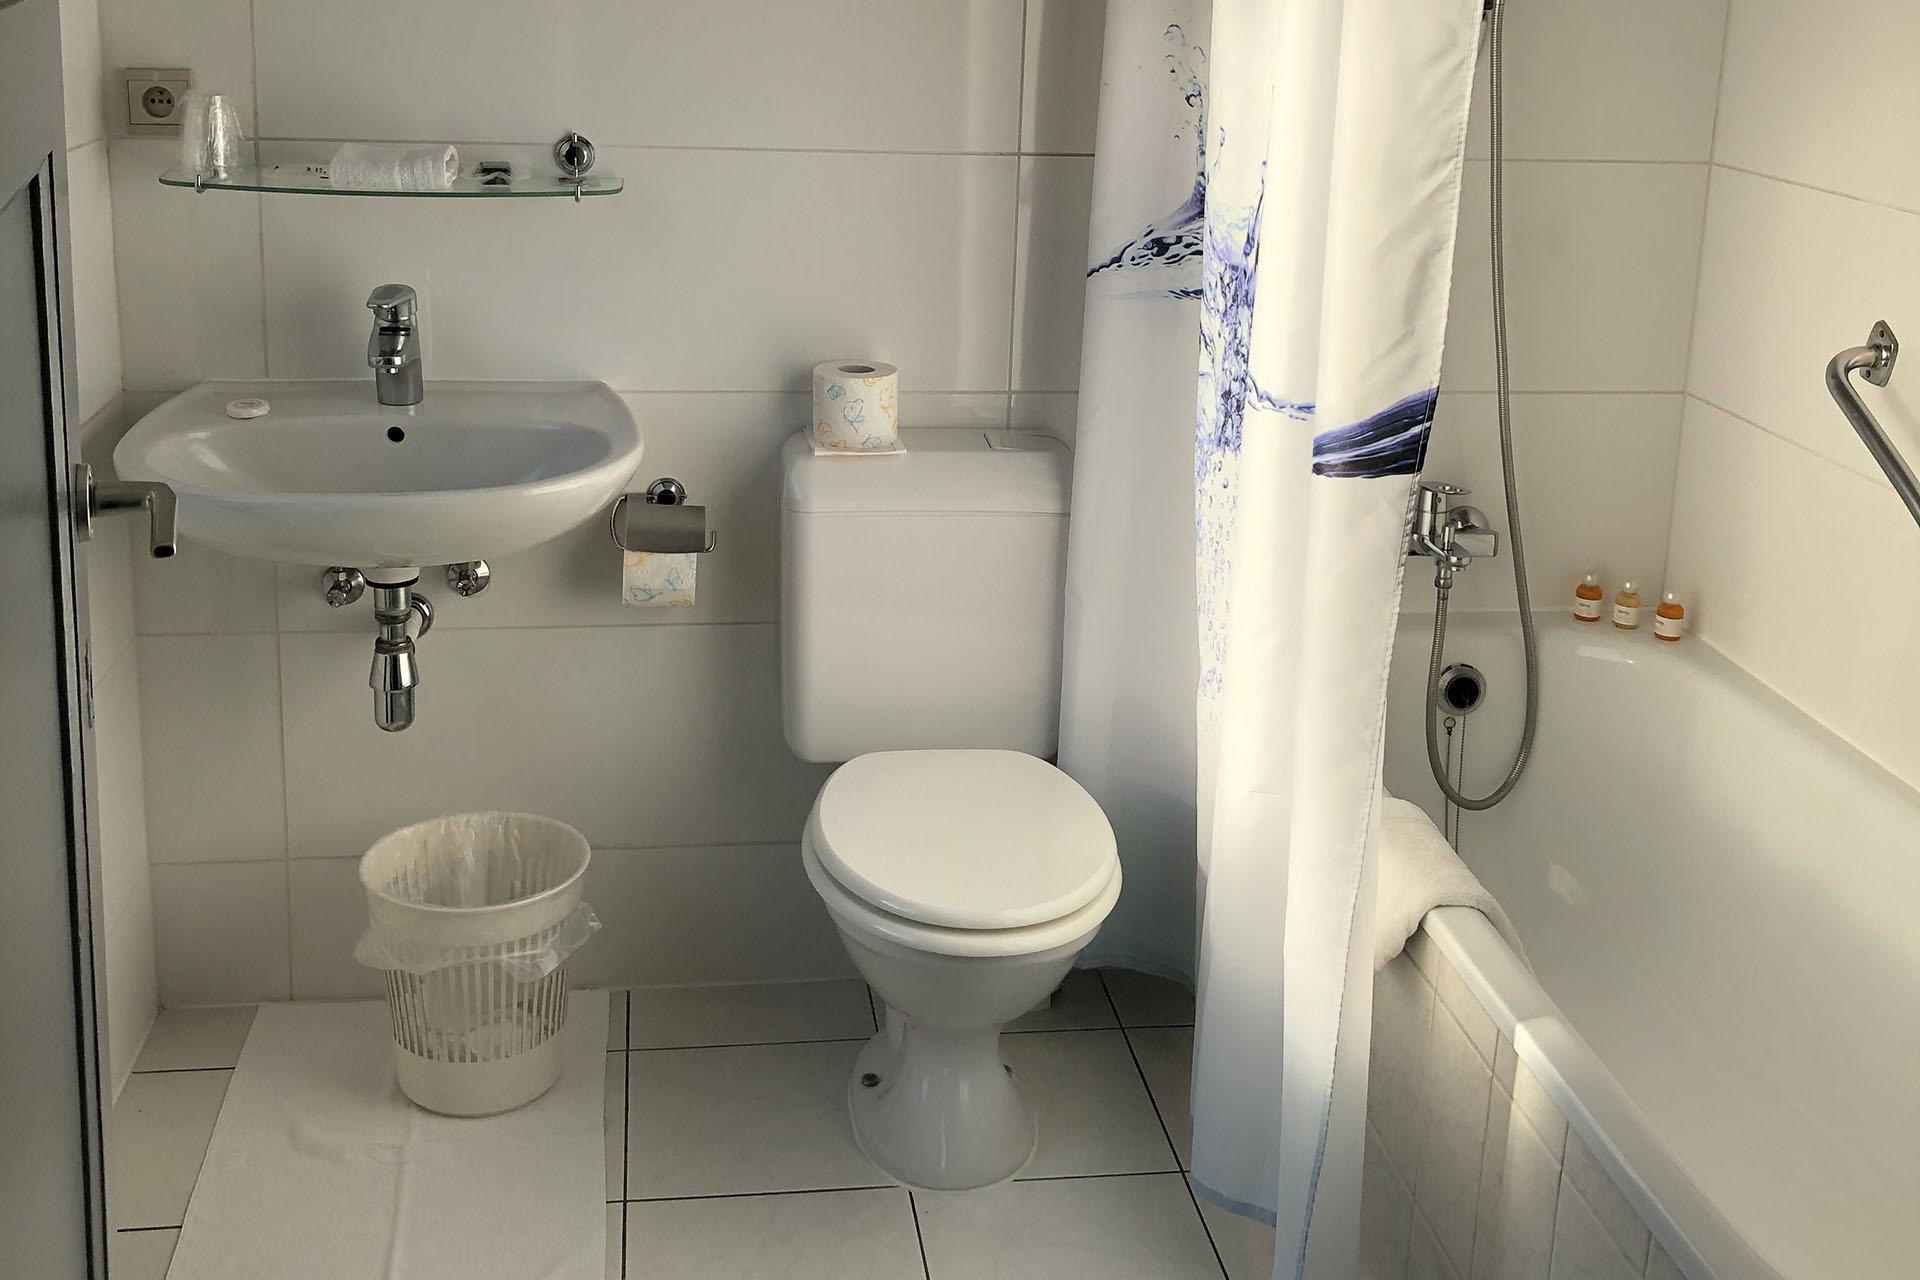 Liege Hôtel Eurotel - Chambre - Salle de bain - Baignoire